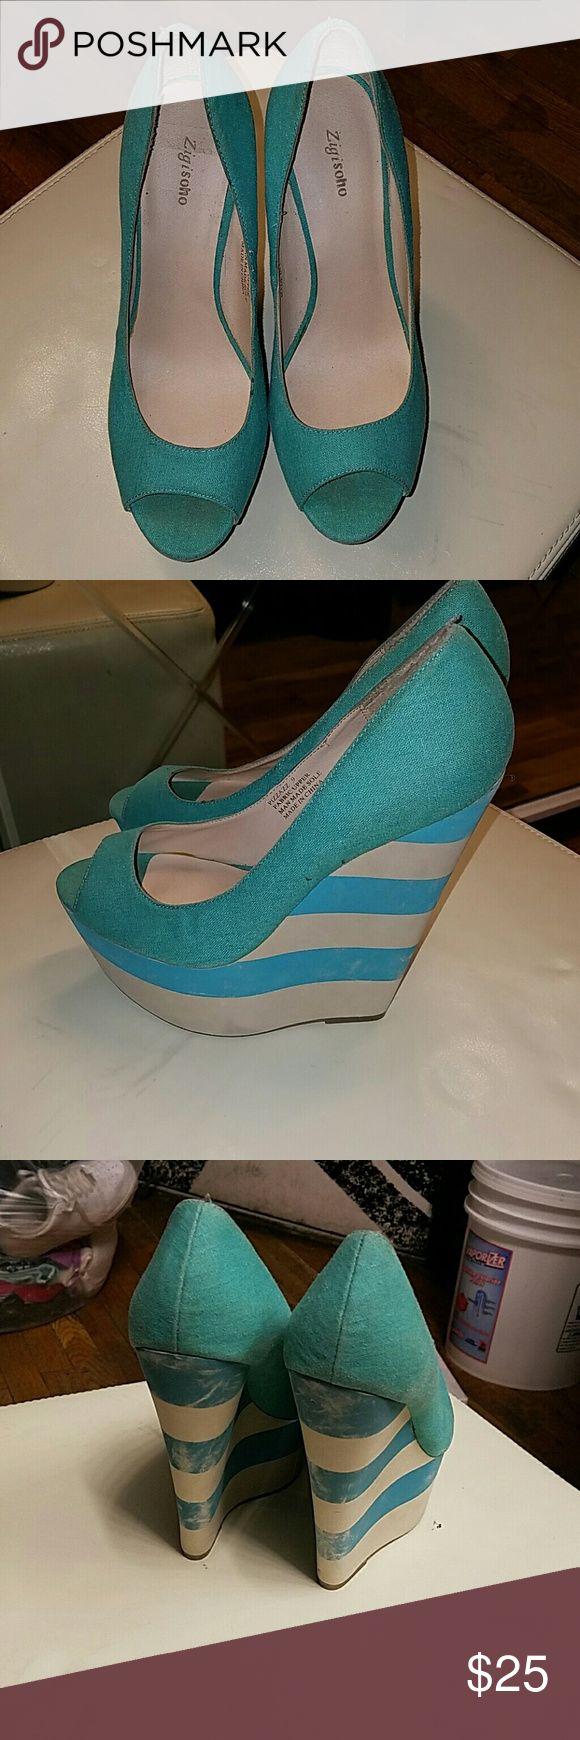 Shoe Turquoise green wedge shoe Zigi Soho Shoes Wedges